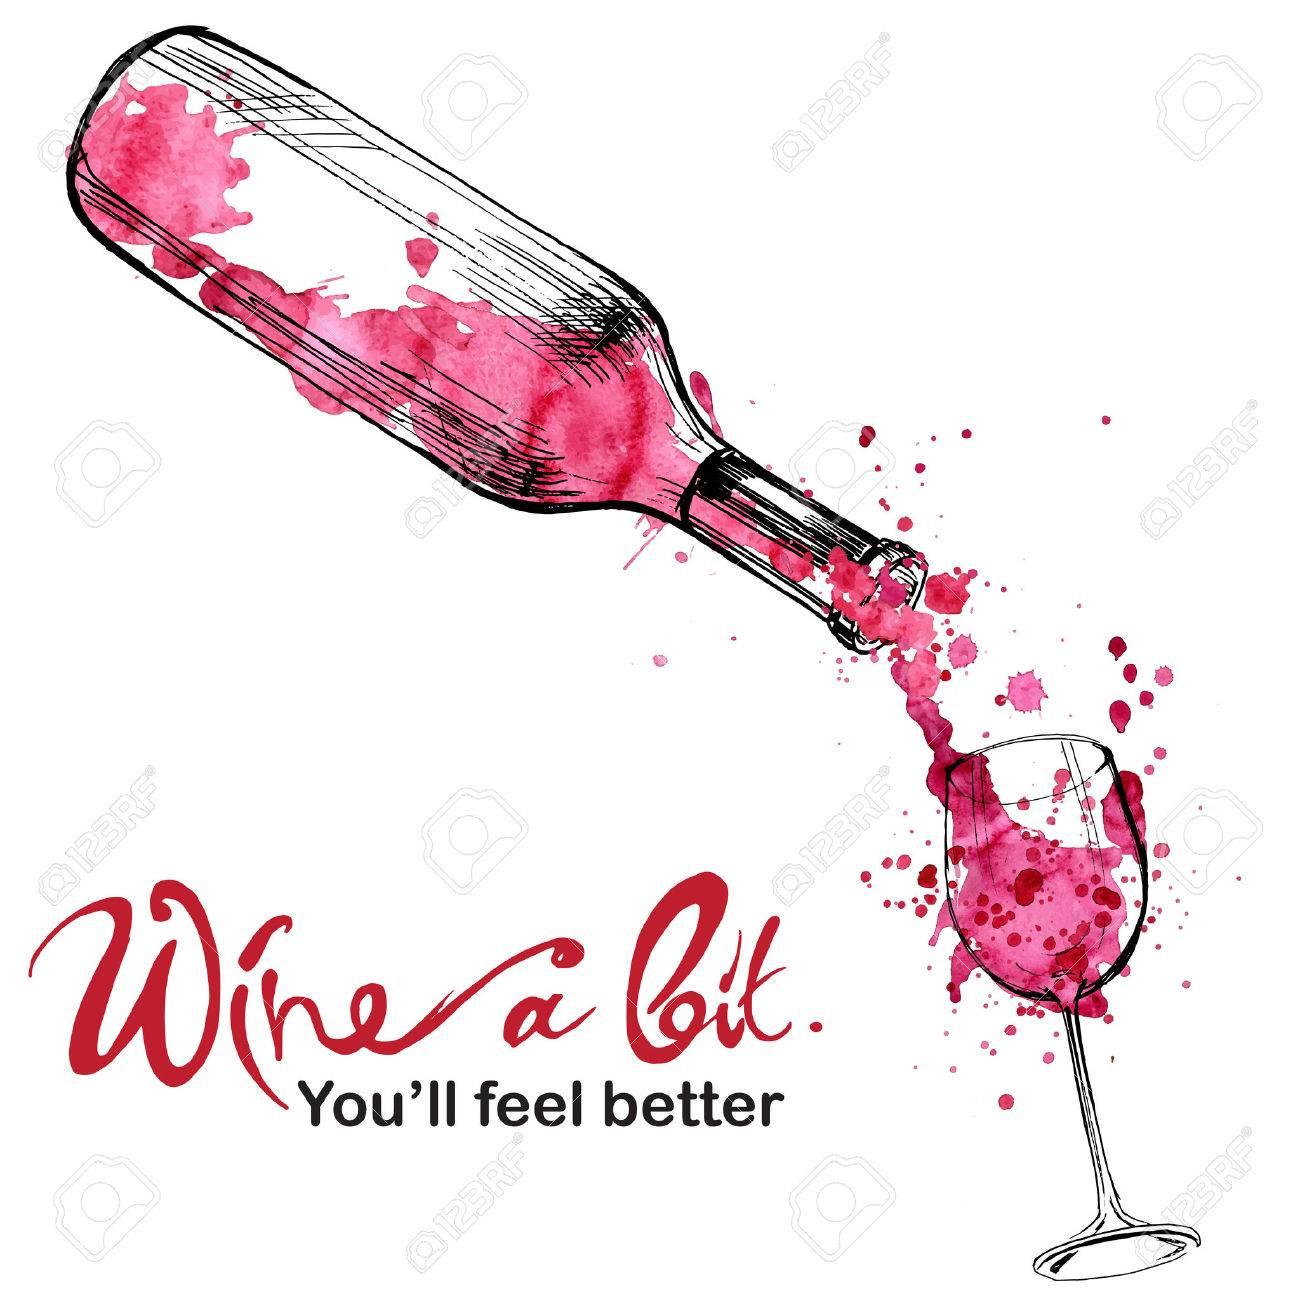 ワインのイラスト スケッチとアート スタイルのイラスト素材ベクタ